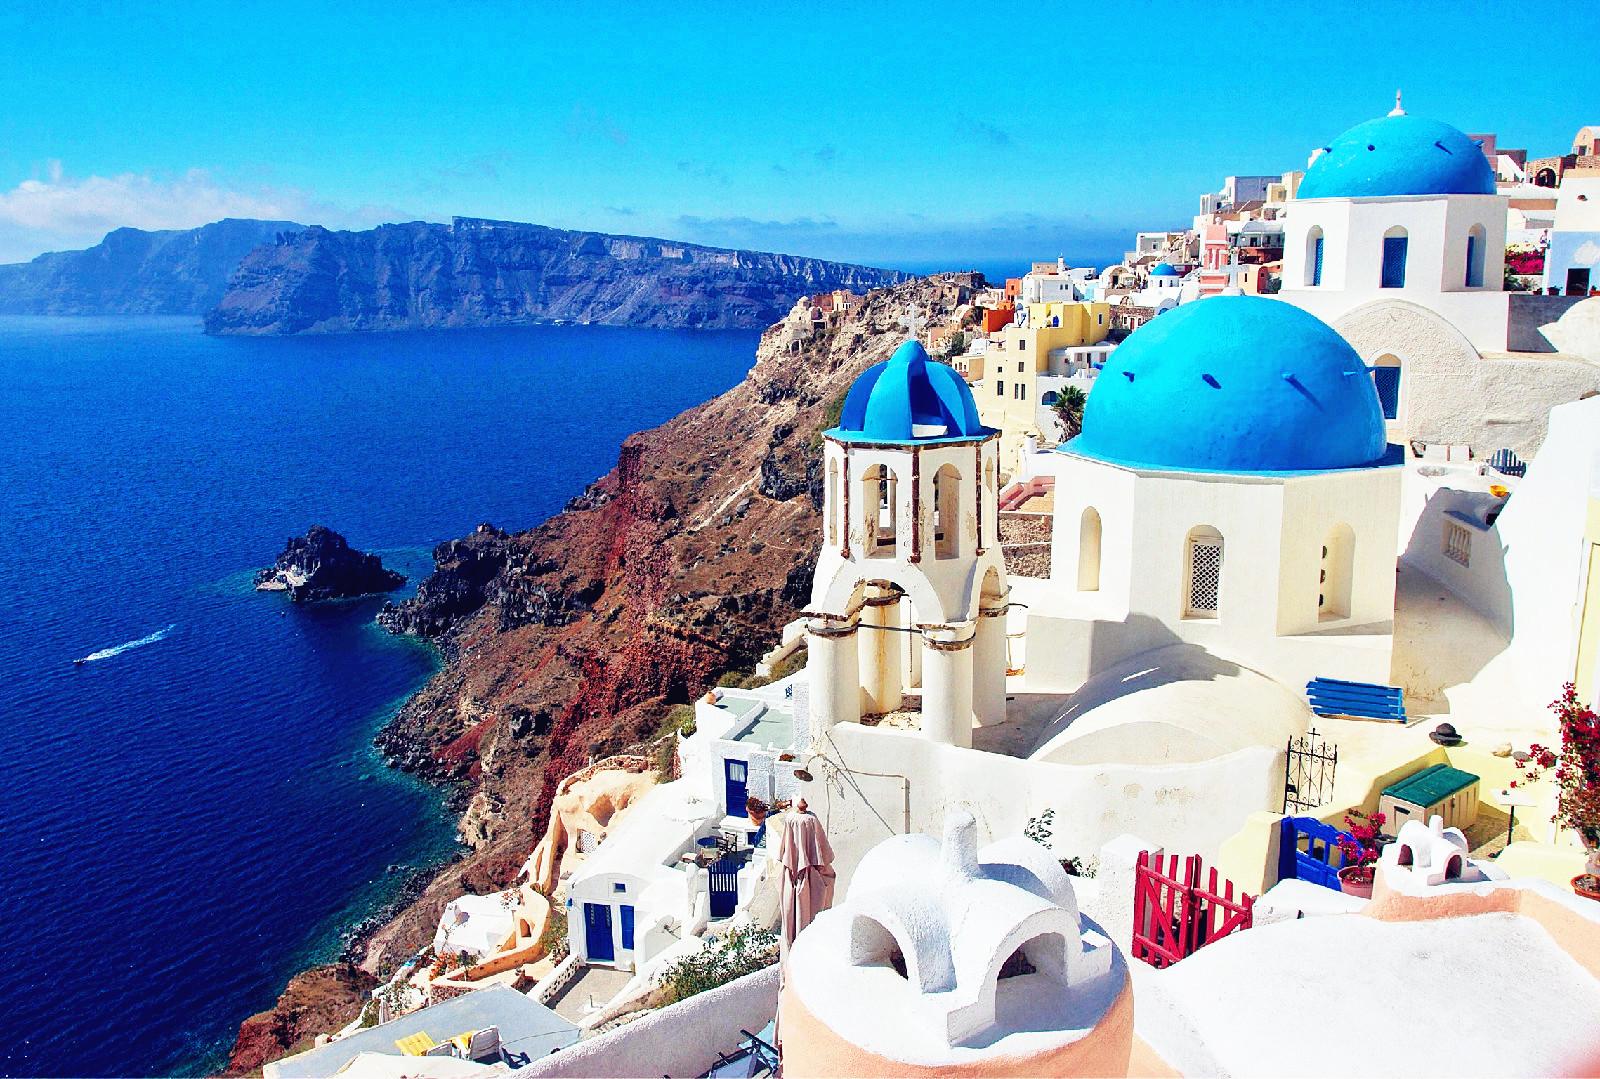 希腊浪漫旅游 旅游攻略 海岛 爱情海 圣托里尼 风景 图片 浪漫的童话国度